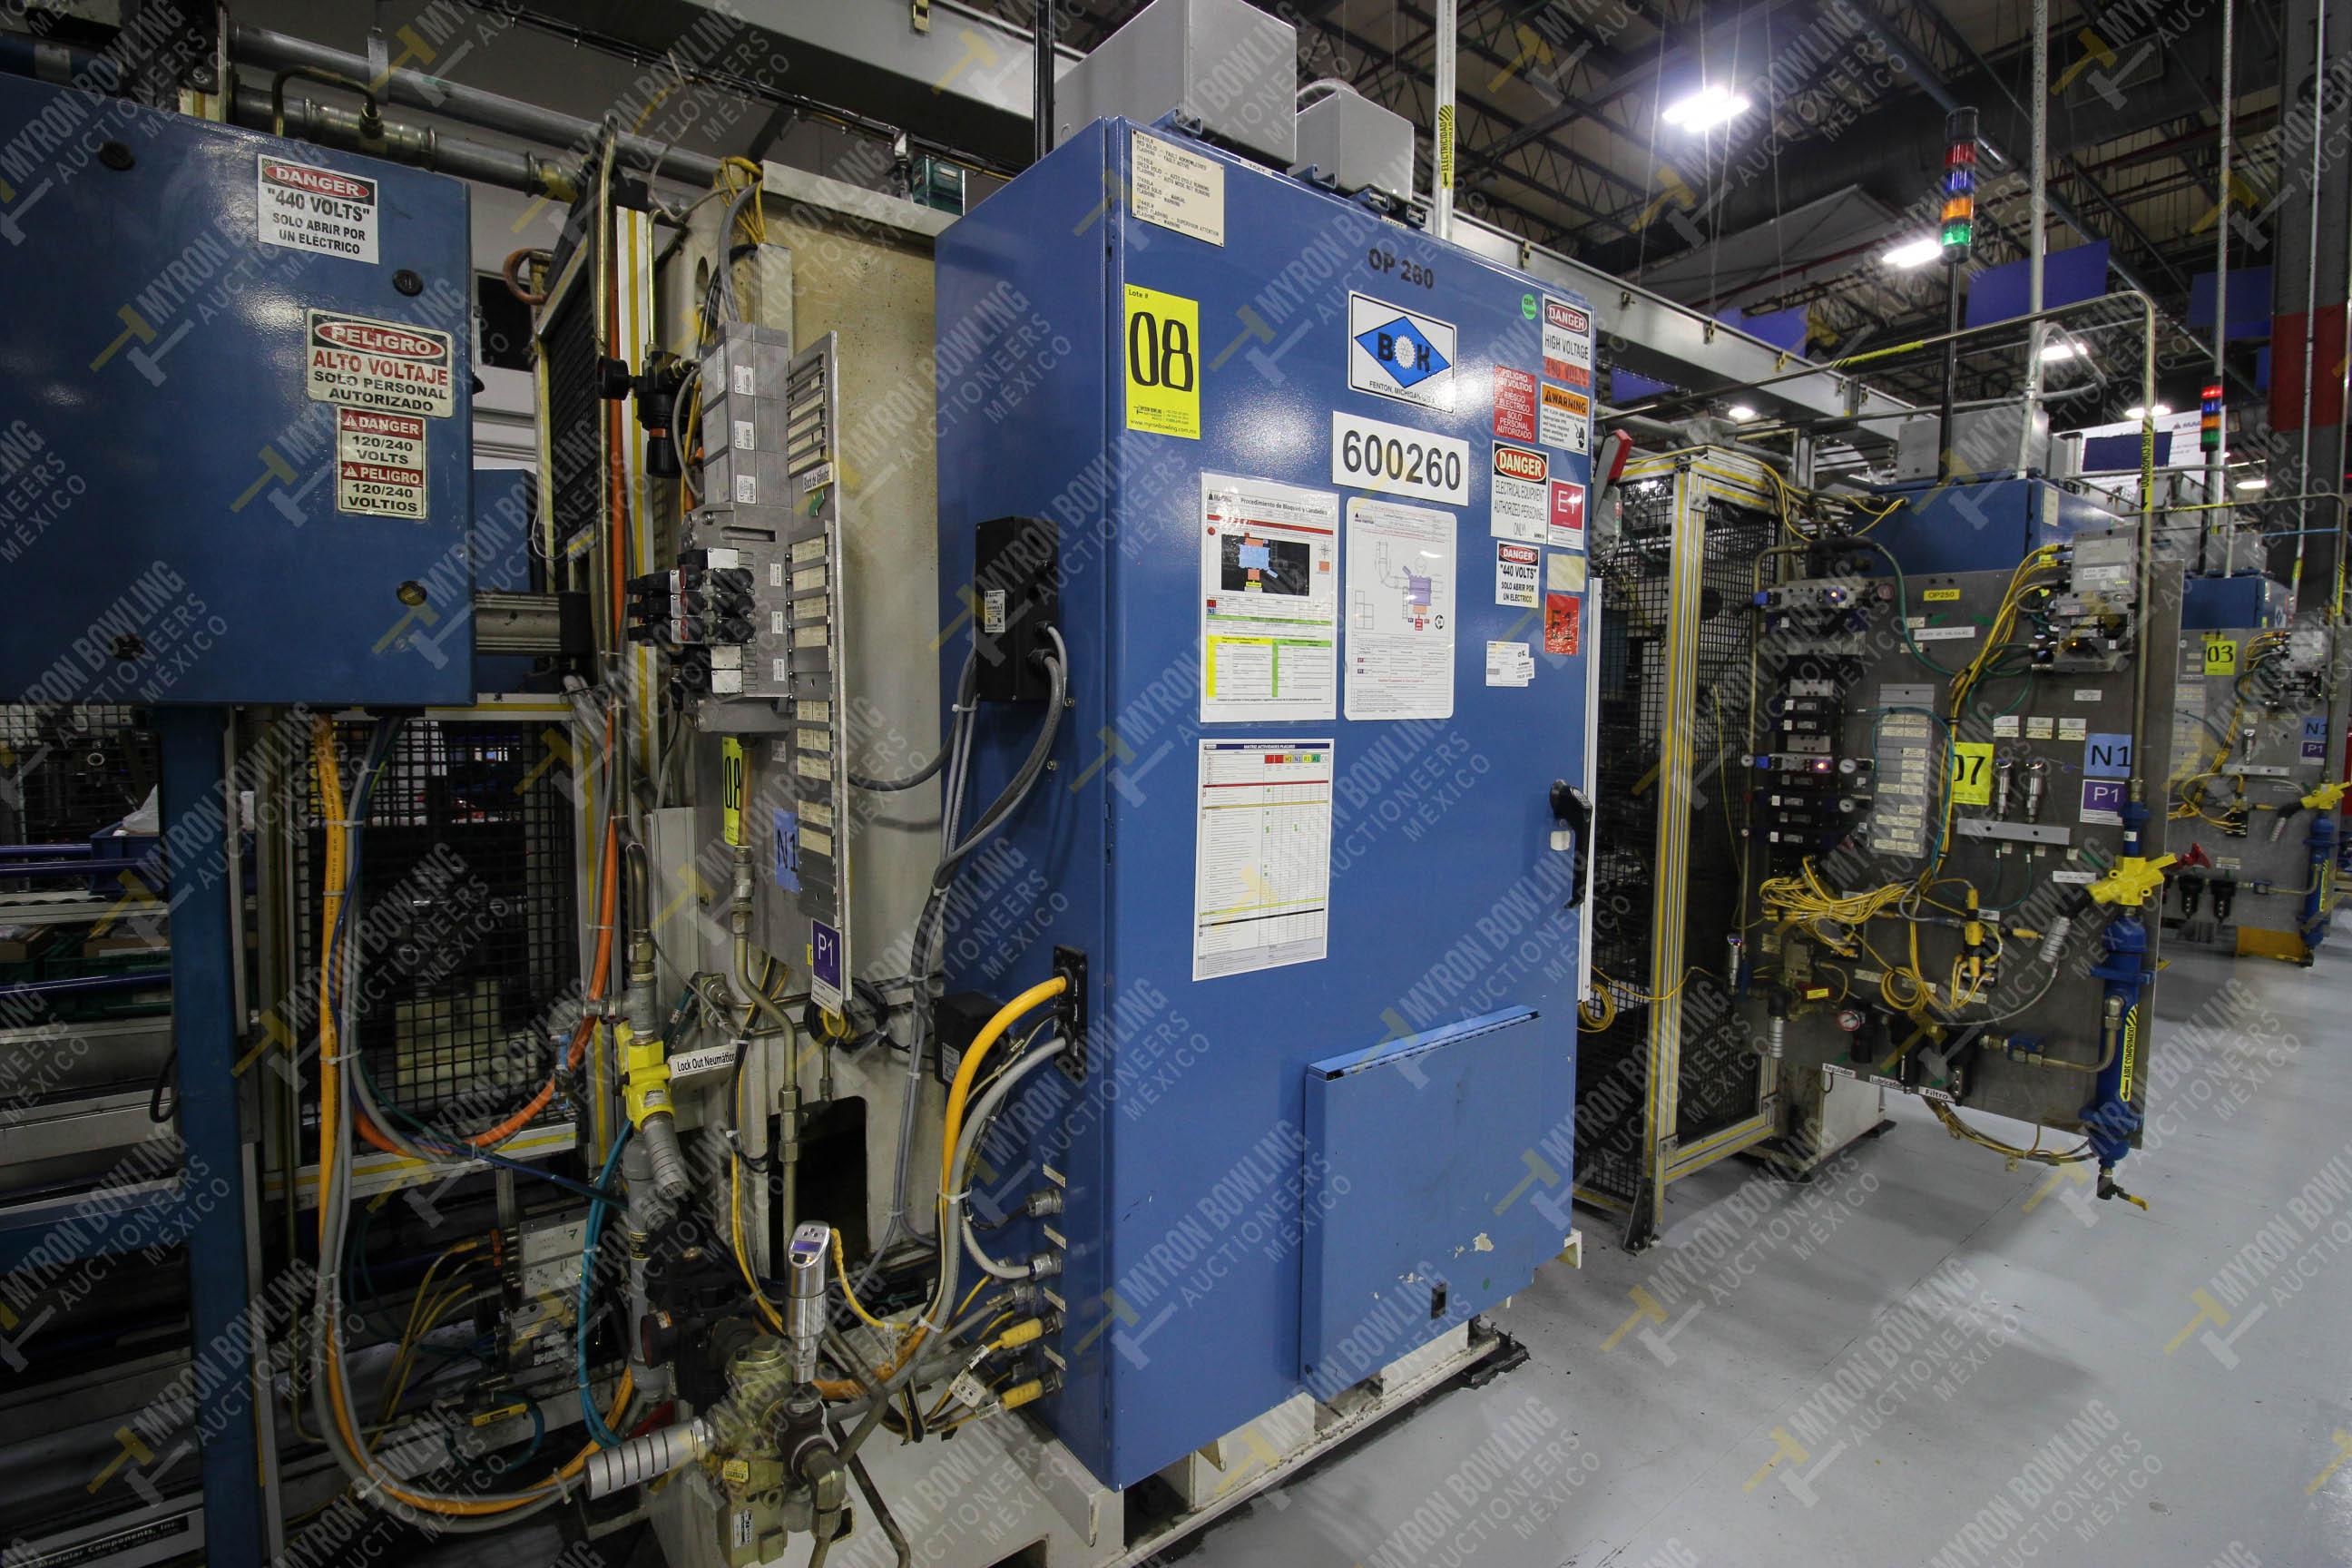 Estación semiautomática para operación 260 de ensamble - Image 8 of 20